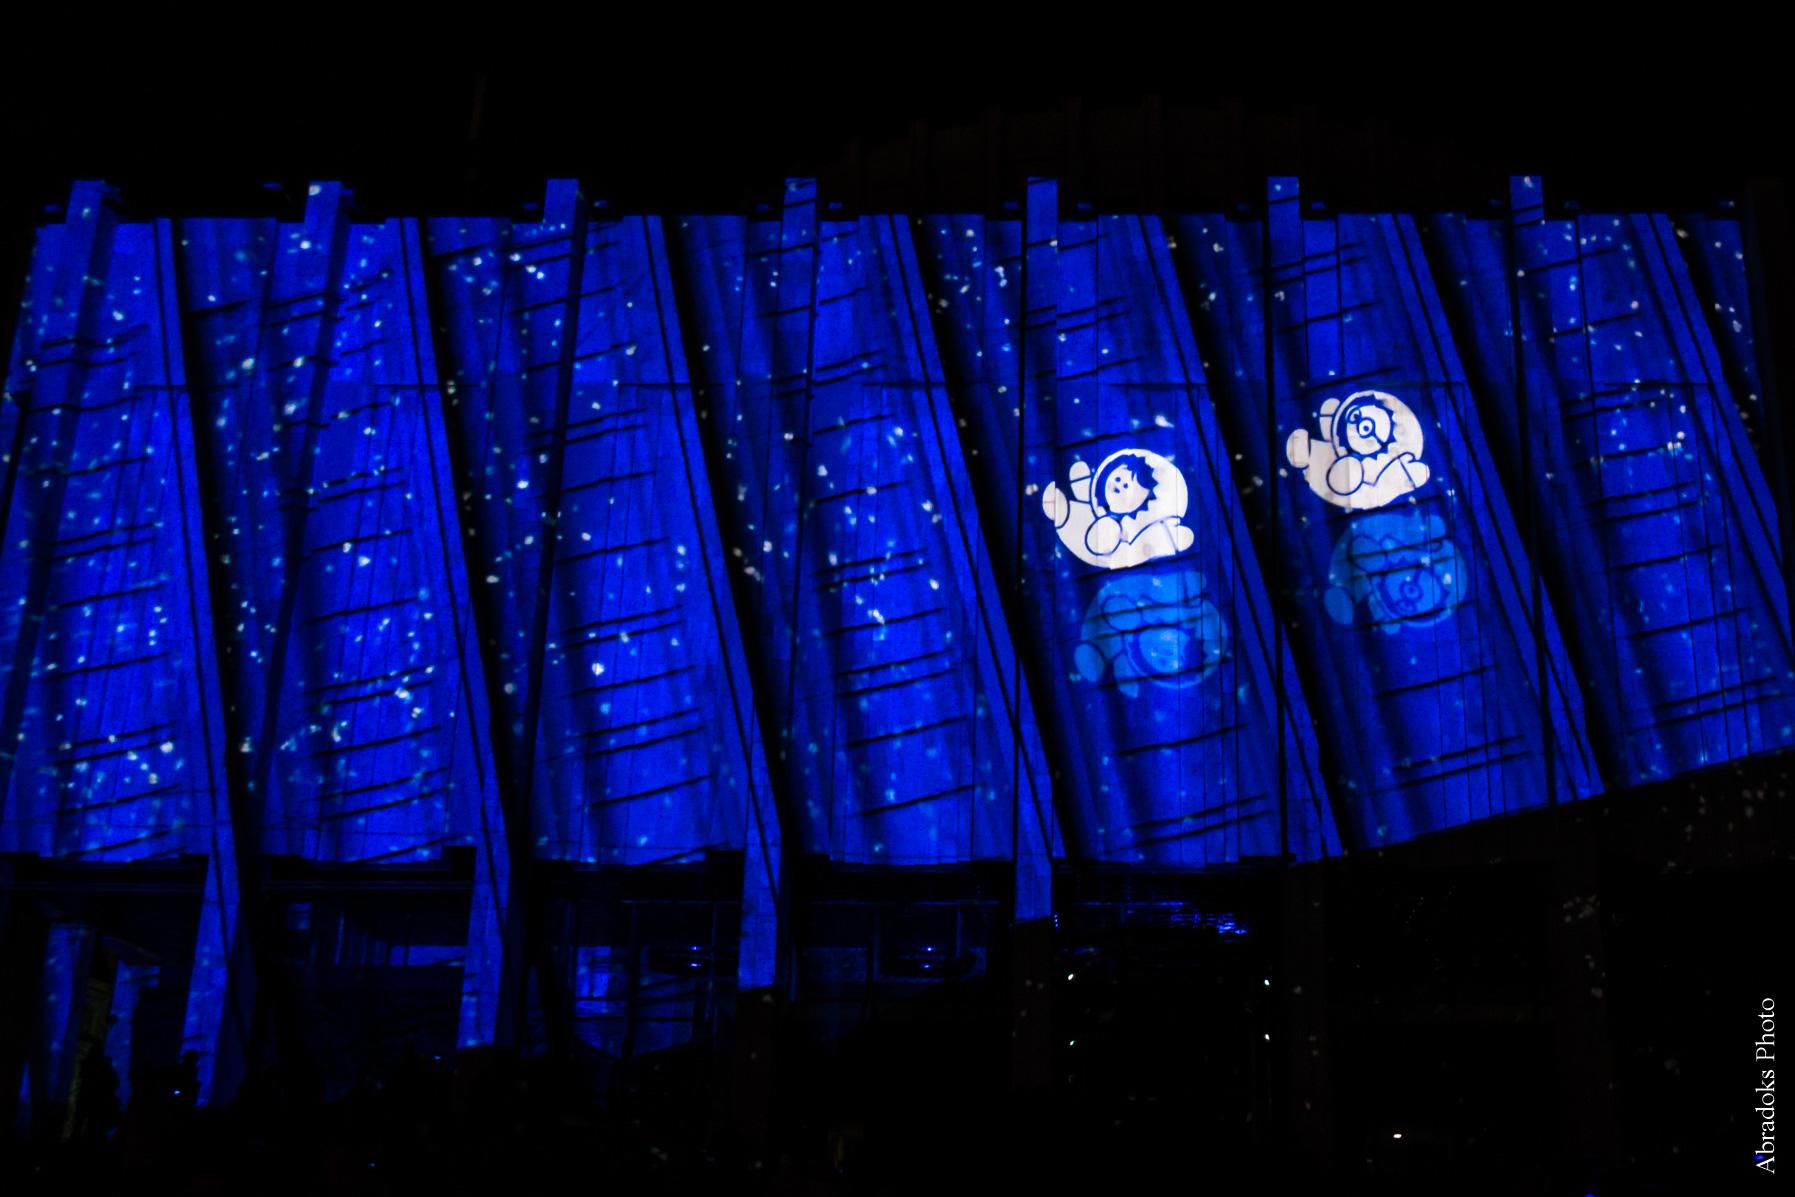 Ануки ищут весну в Киеве на Украинском доме. Европейская площадь. Неделя Франции. Световое 3D шоу